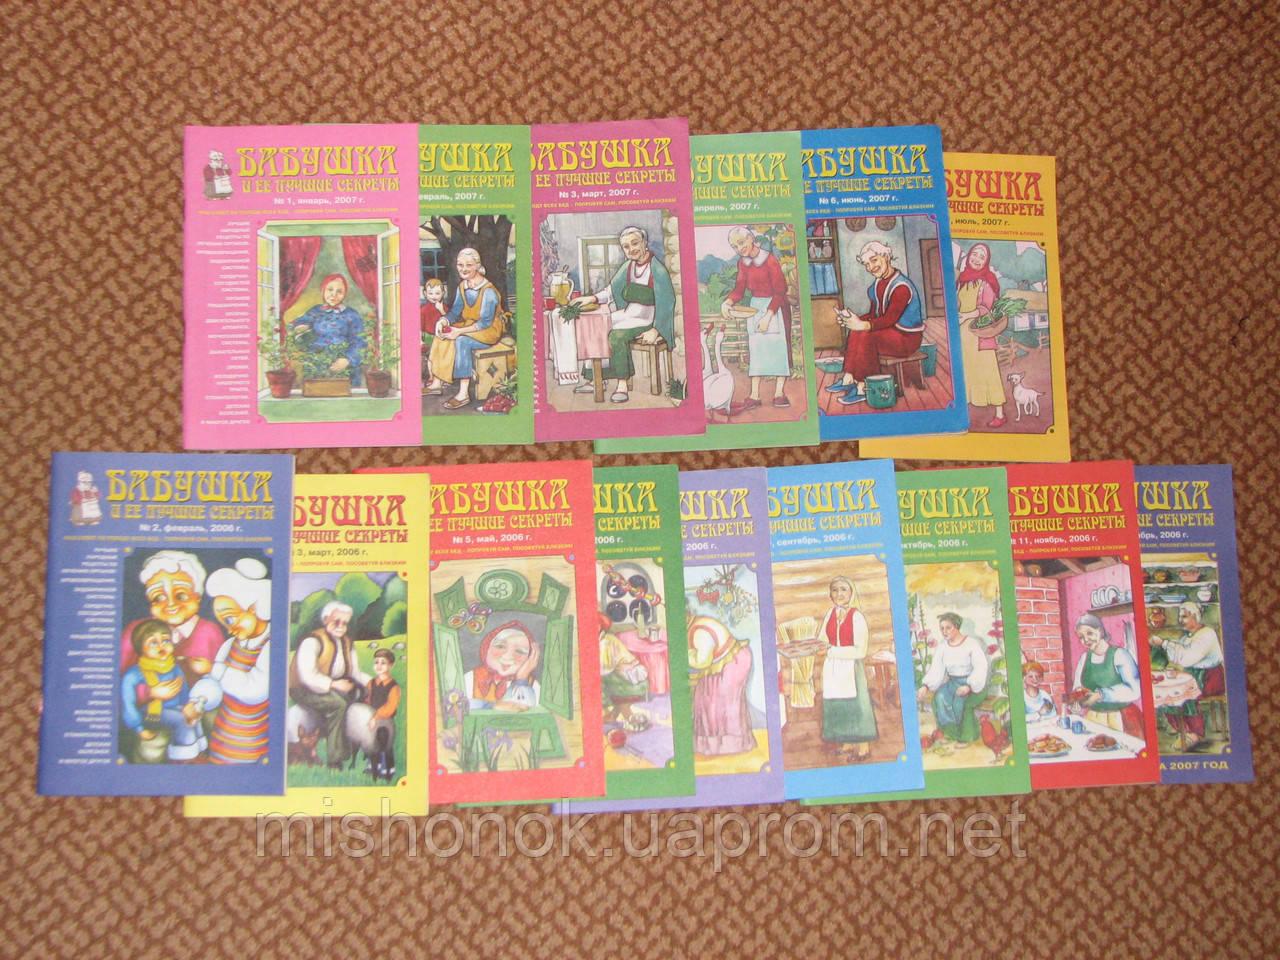 """Библиотека газеты-целительницы """"Бабушка"""" 2007 год Бабушка и ее лучшие секреты 6 шт. - фото 2"""